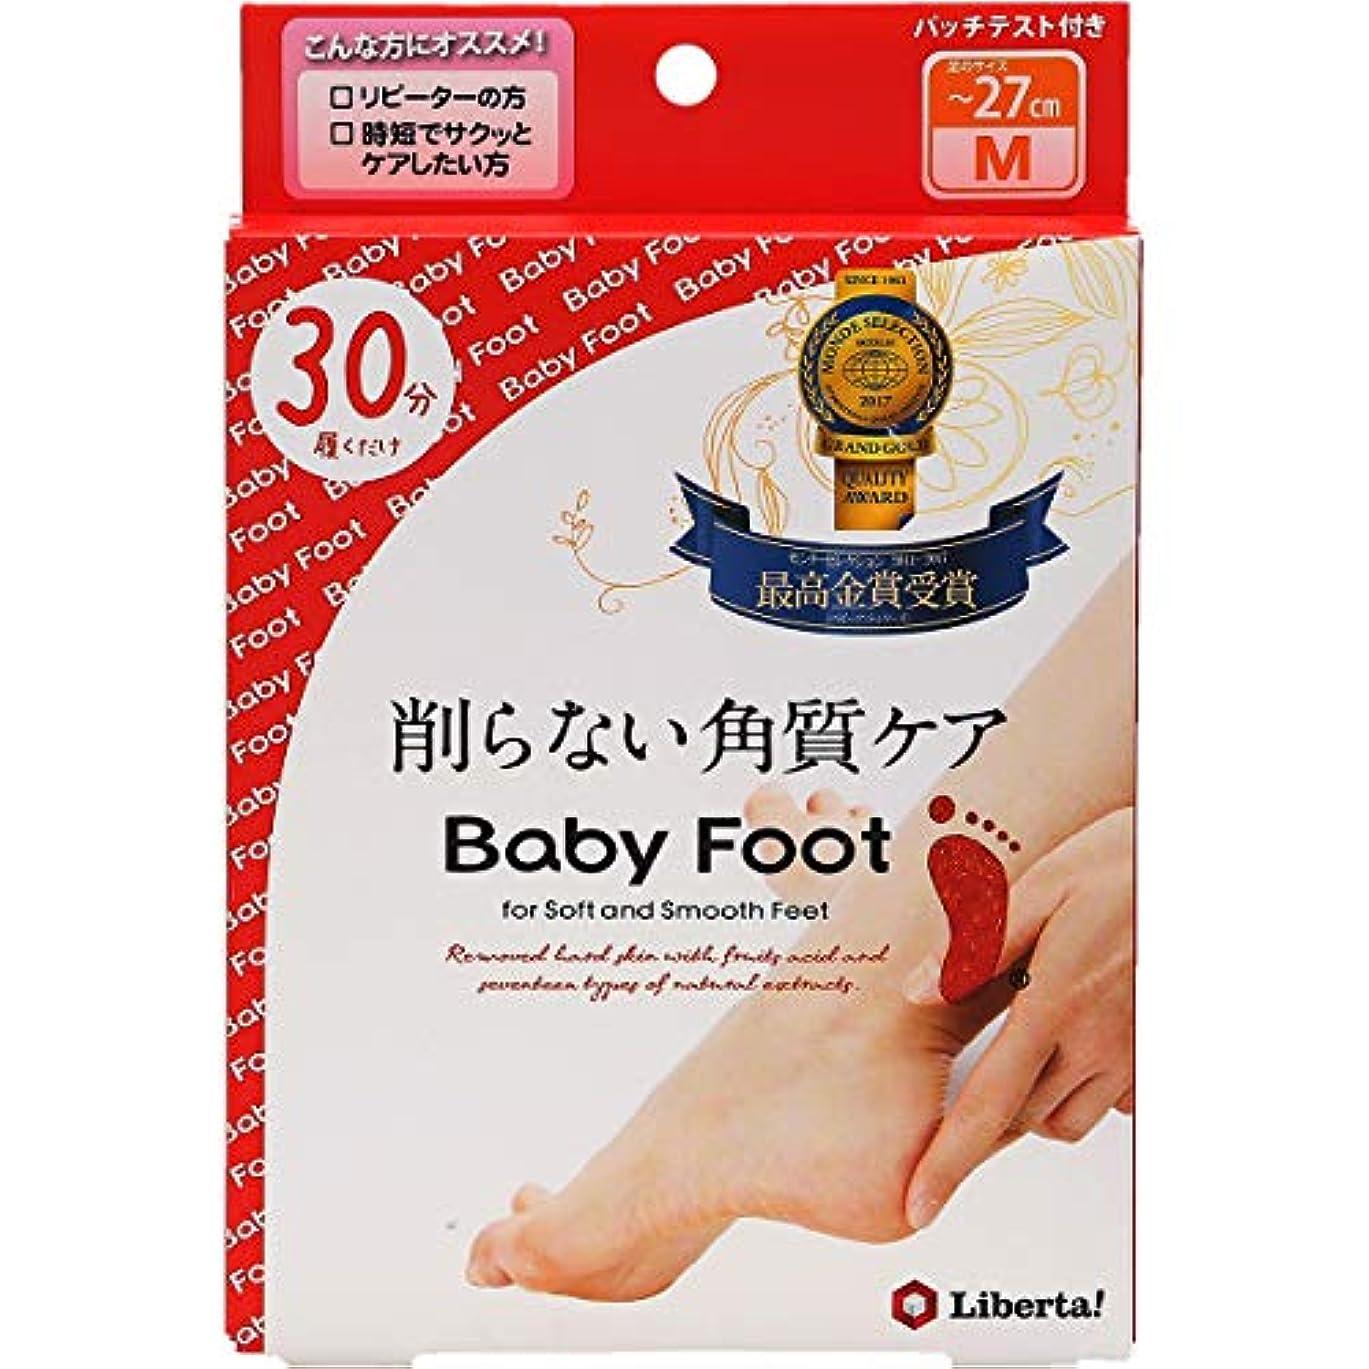 スクランブルうめき声歯科のベビーフット (Baby Foot) ベビーフット イージーパック30分タイプ Mサイズ 単品